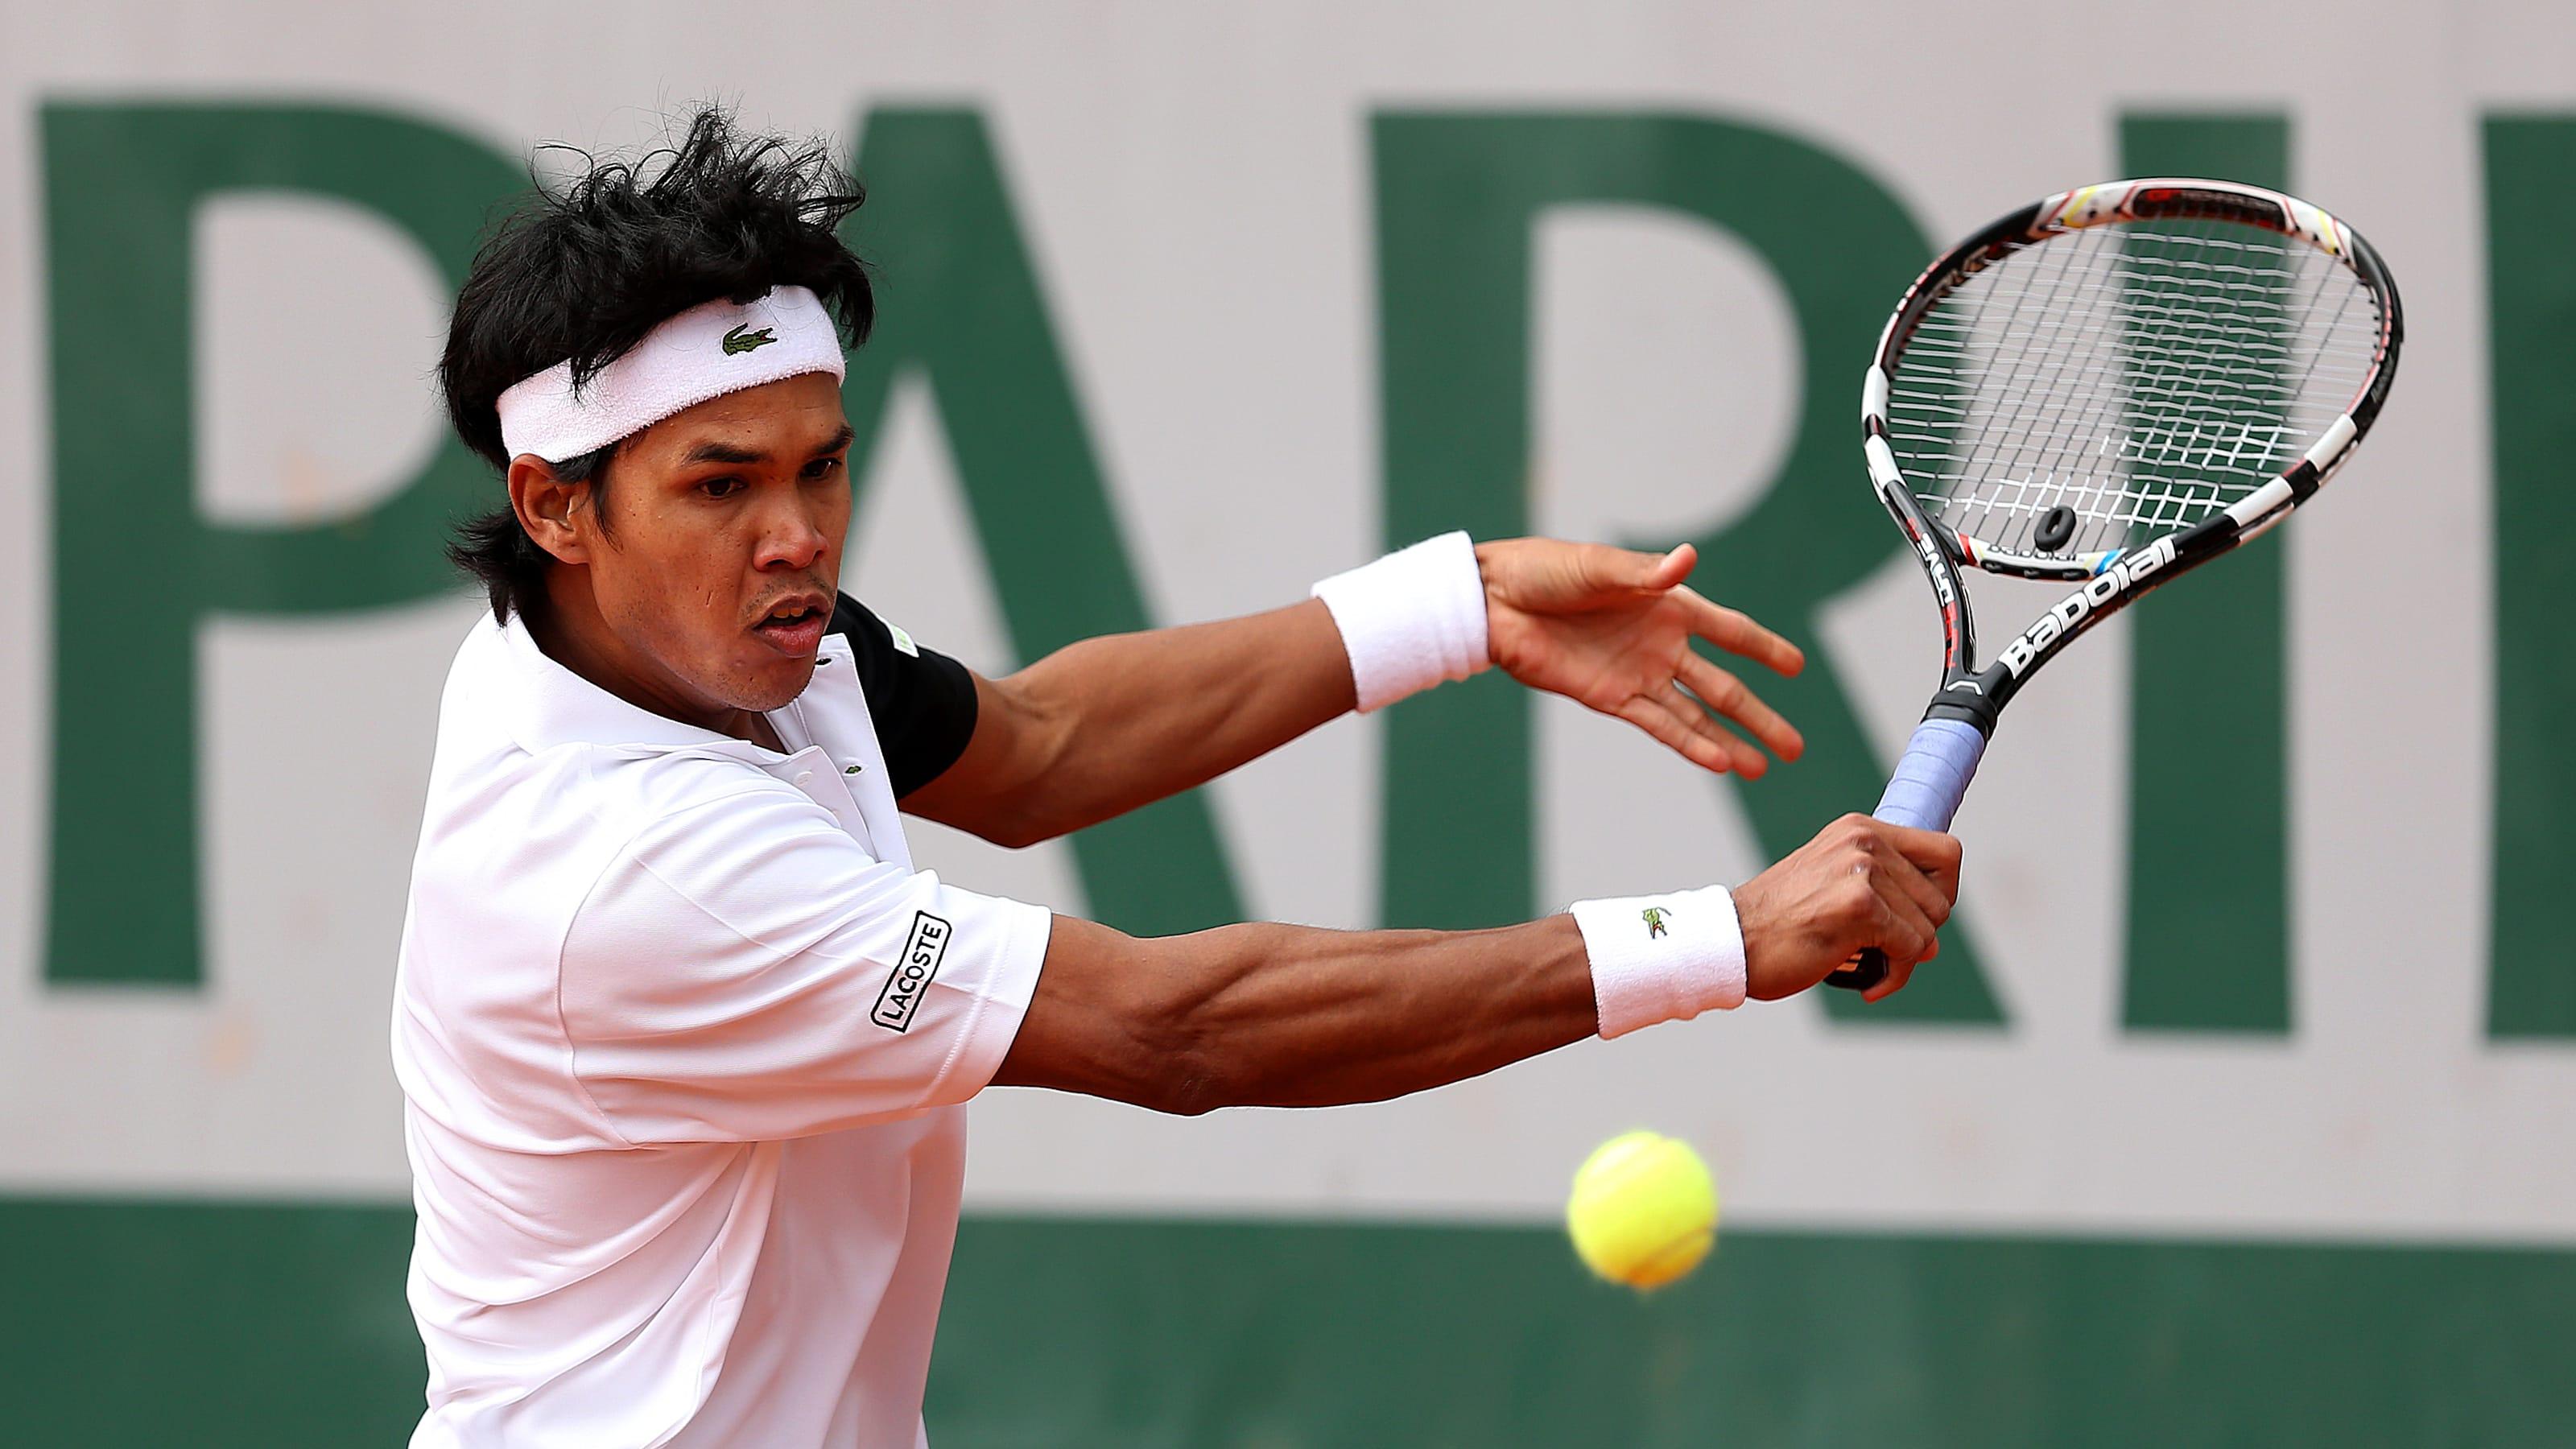 When Roger Federer schooled Somdev Devvarman at 2013 French Open